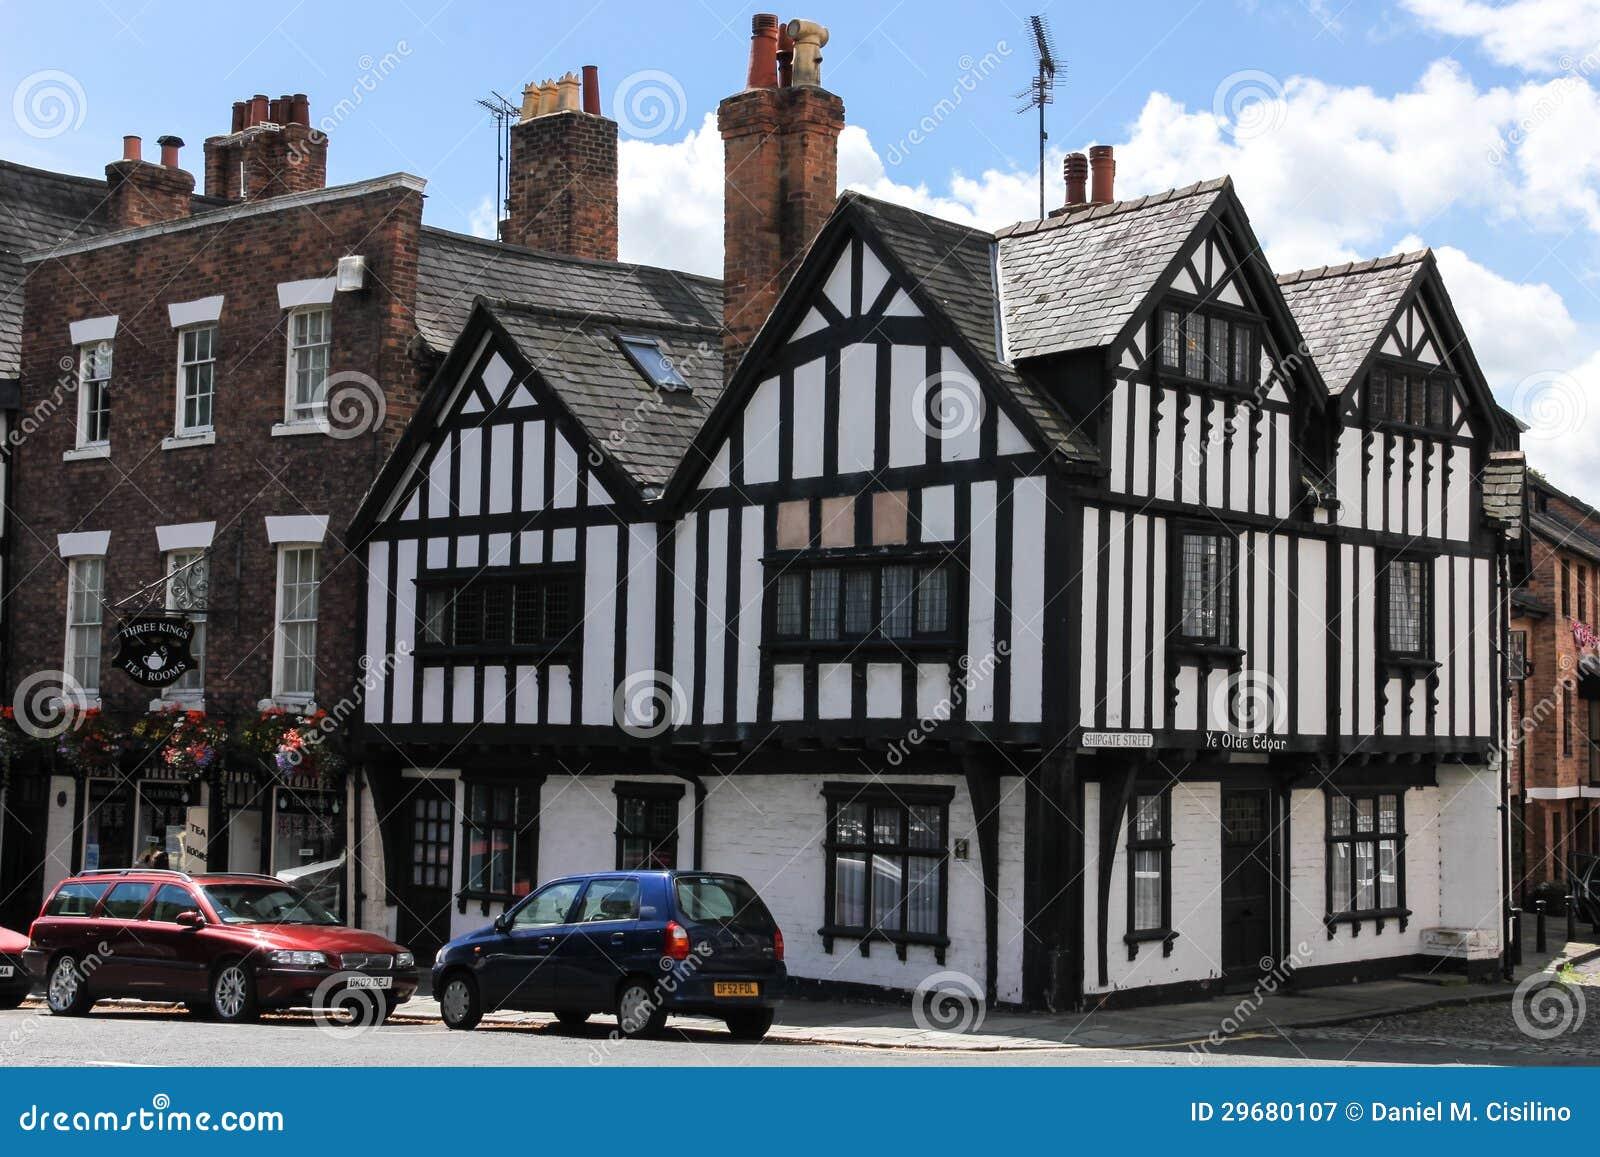 Renaissance Buildings Uk